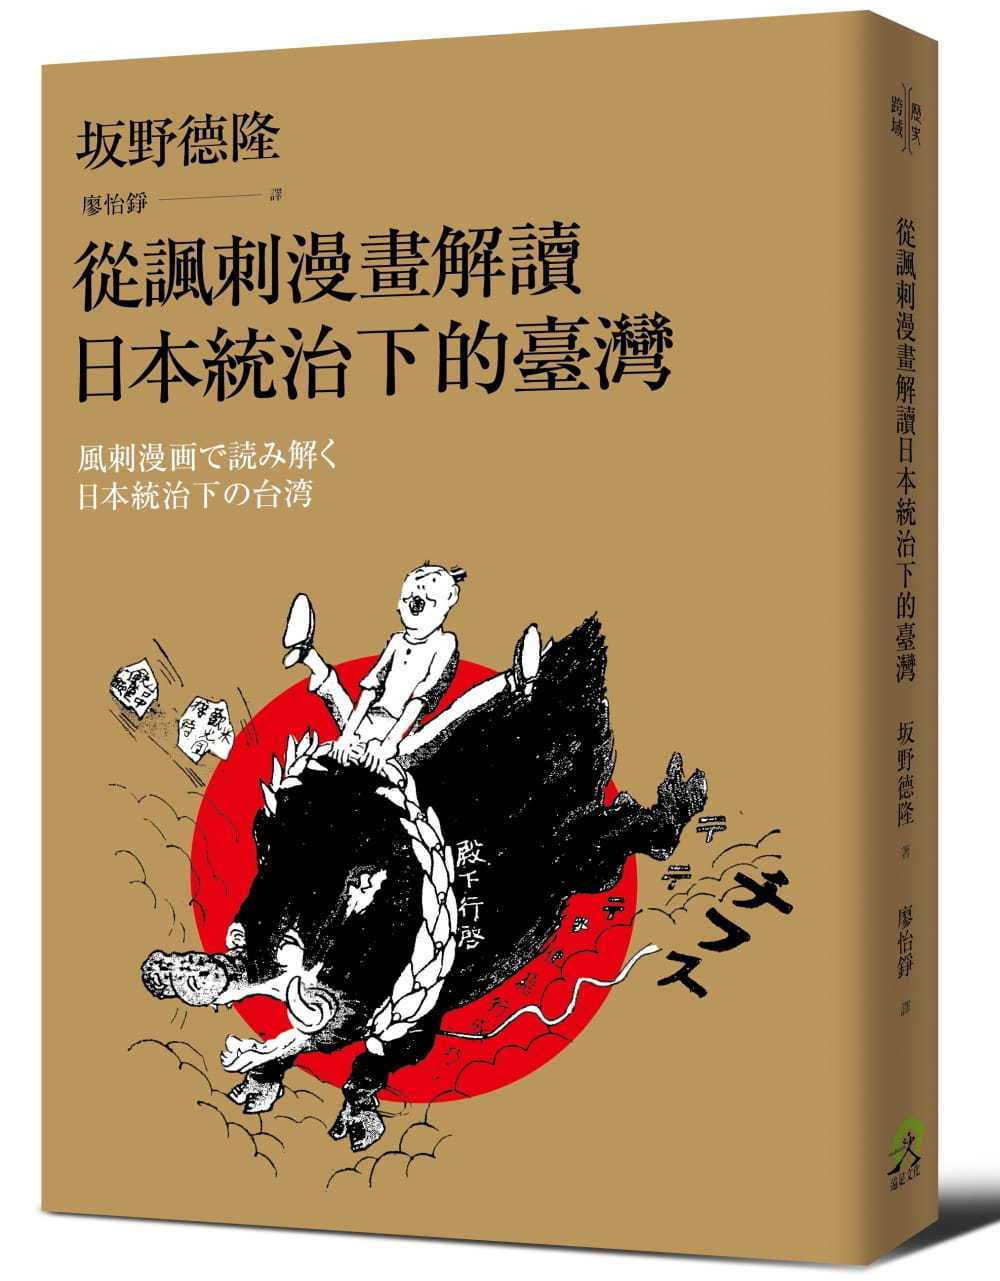 《從諷刺漫畫解讀日本統治下的台灣》。圖/ 遠足文化出版